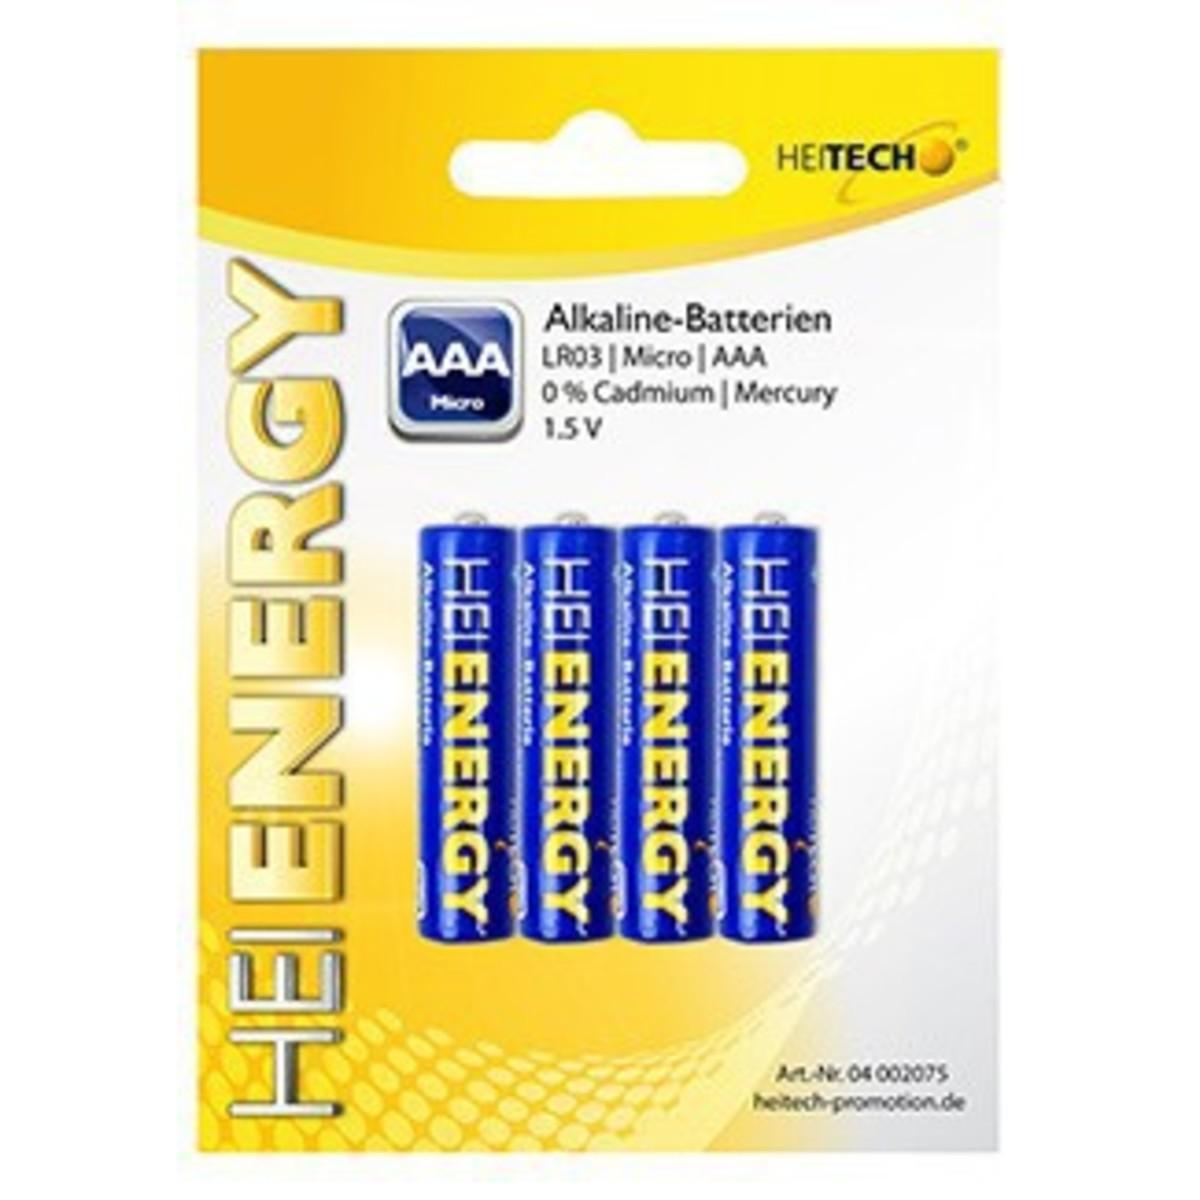 Bild 1 von Heitech Alkaline Batterien, 4-er Pack Micro/AAA